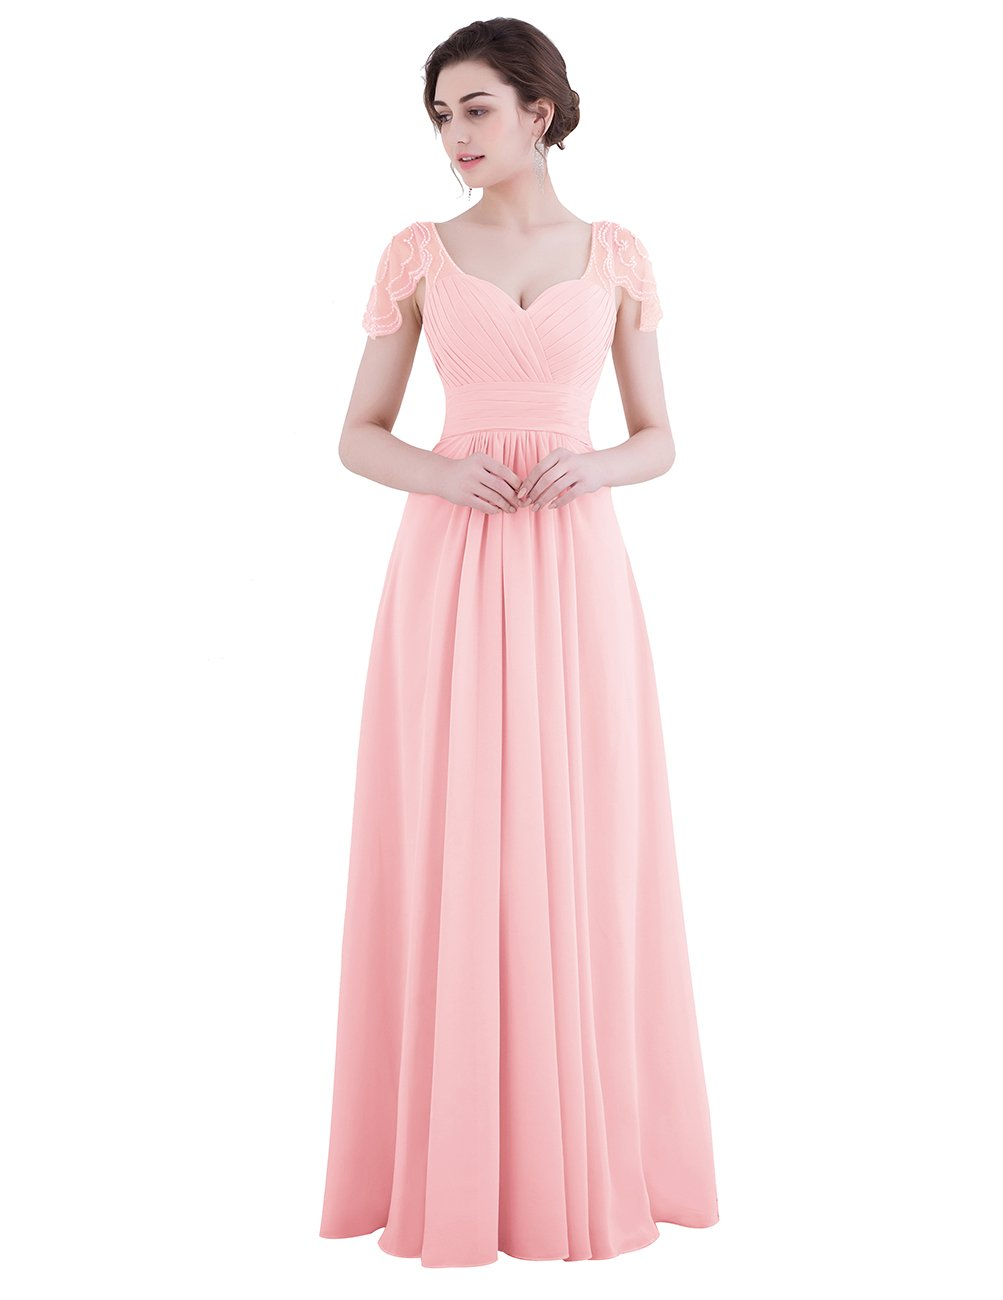 Dresstell レディーズ ロング丈 お呼ばれ フォーマルドレス 結婚式ドレス ビーズ付き ふんわりシフォン ビスチェタイプ 花嫁ワンピース 二次会ドレス キャップ袖 披露宴ドレス B06ZXXT9X1 JP23W|ピンク ピンク JP23W